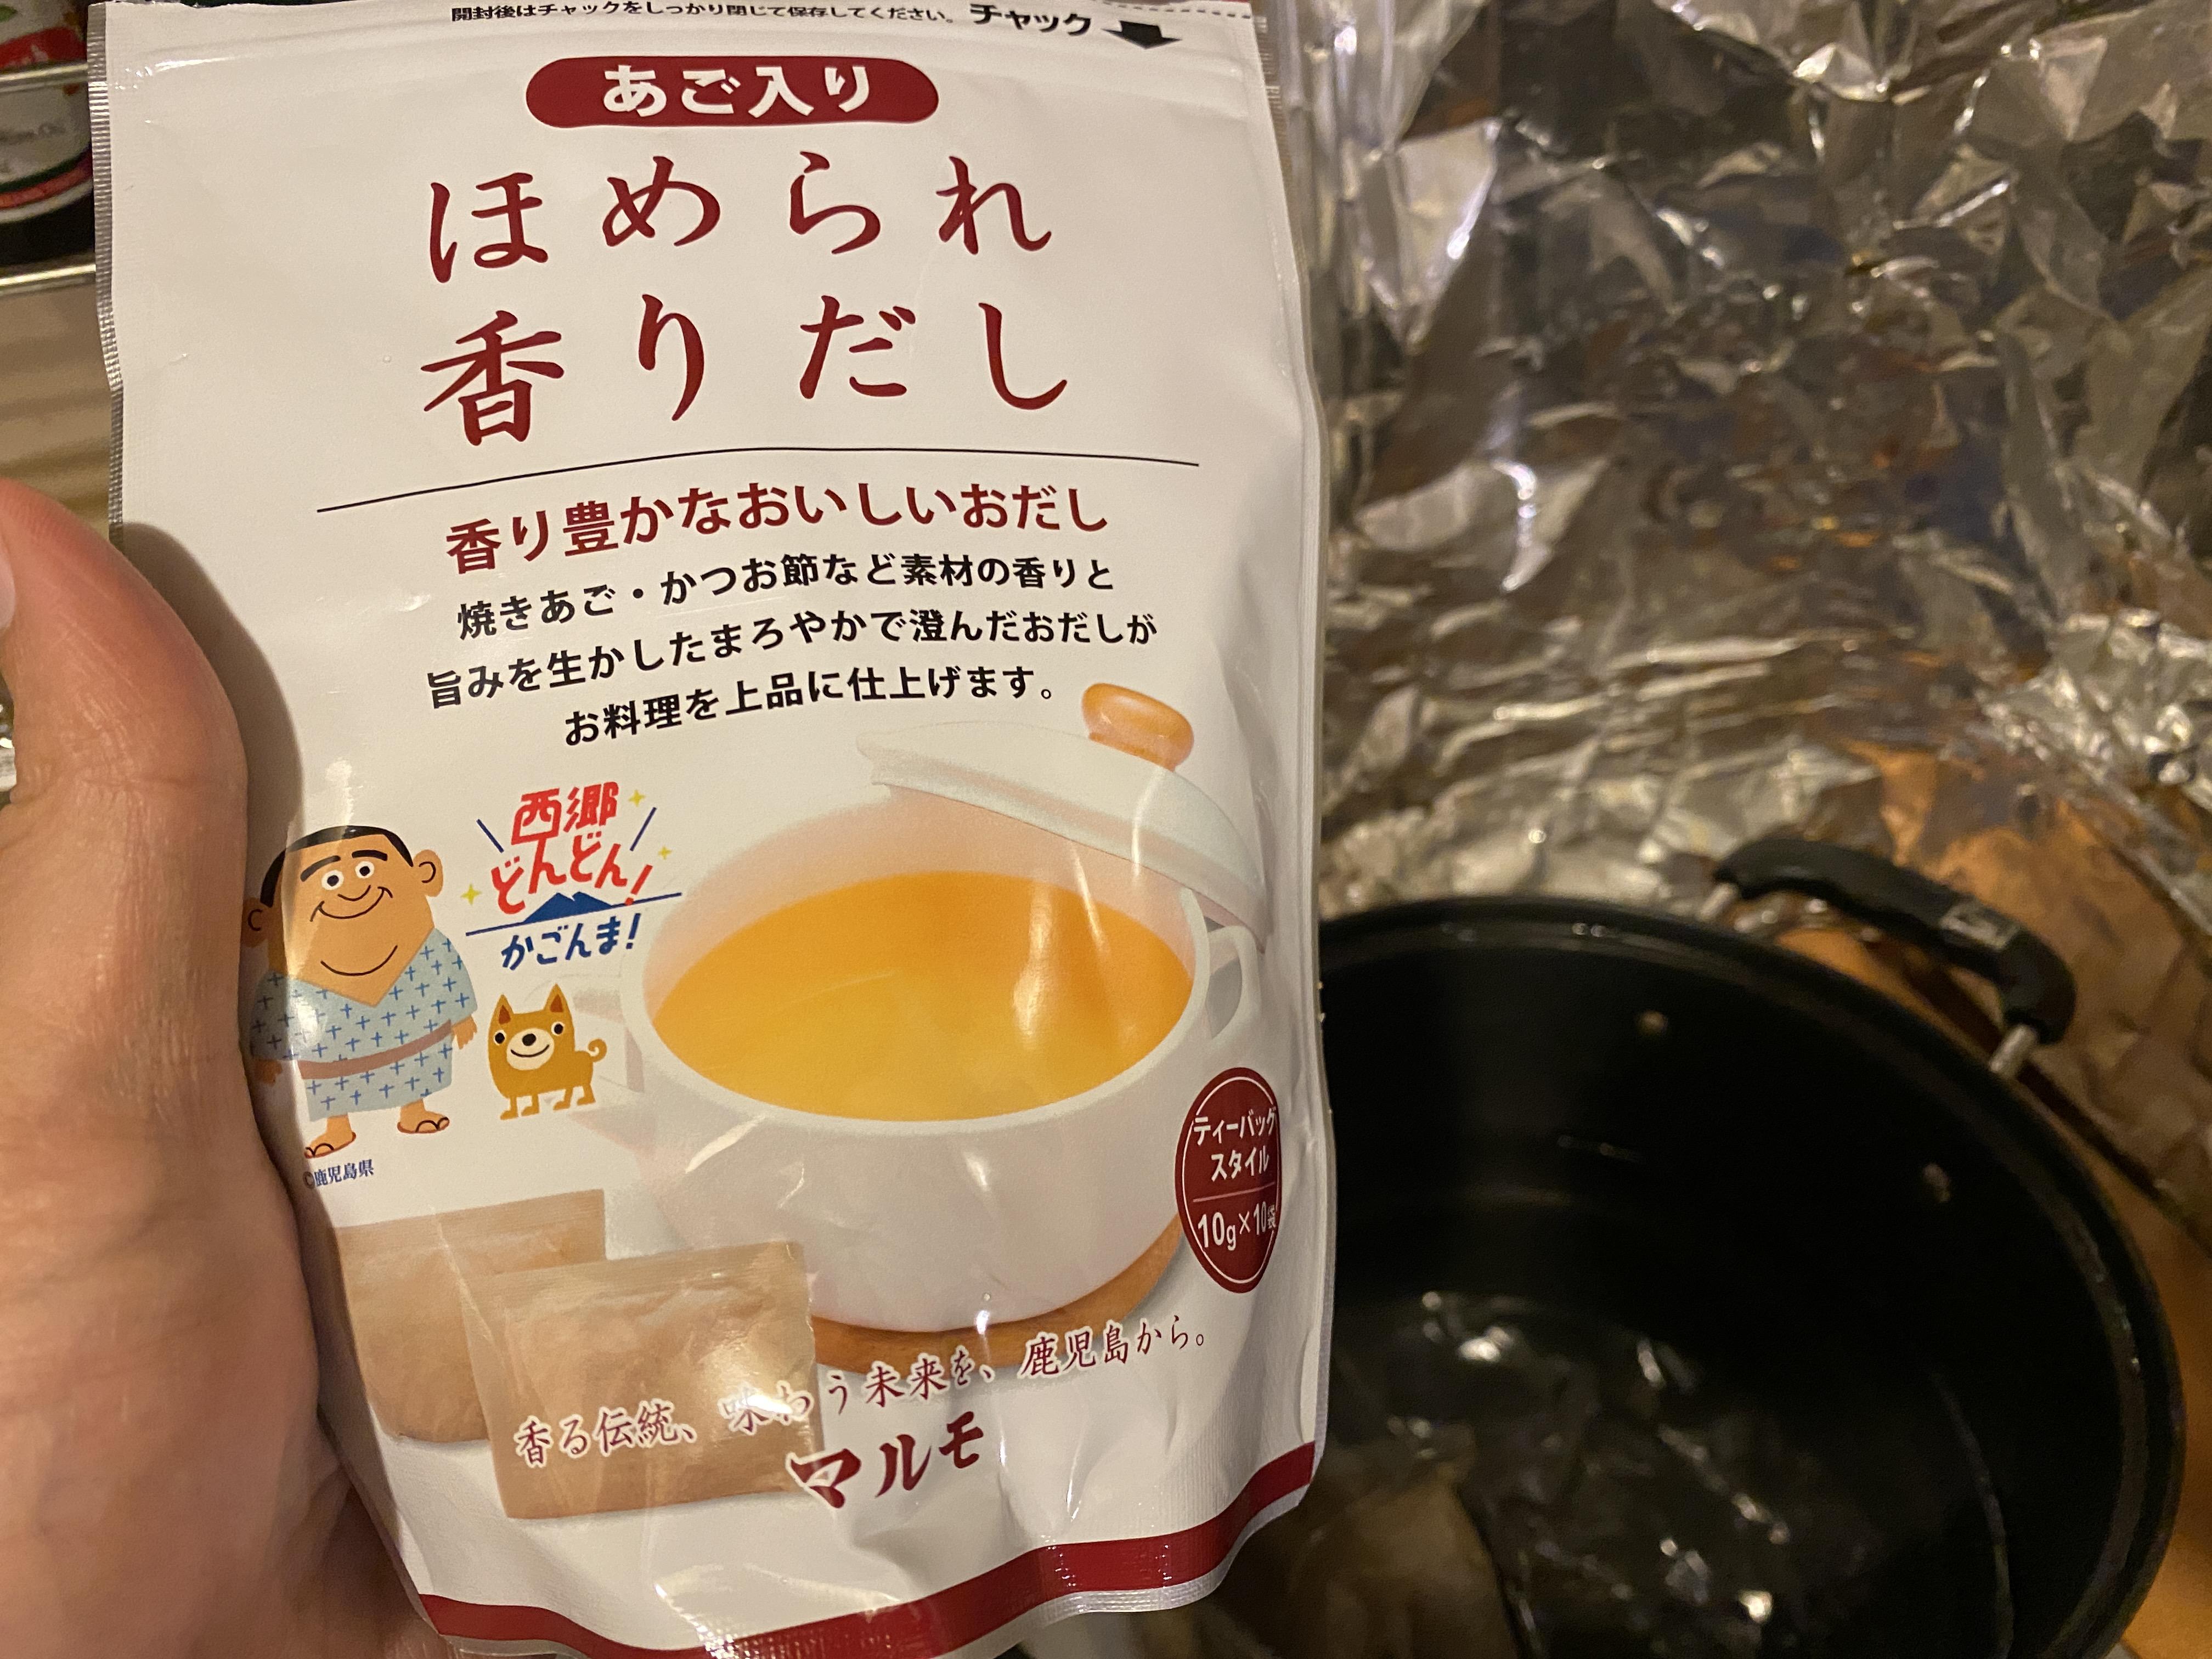 取り寄せたほめられ香りだしという出汁を作るものを手にとっています